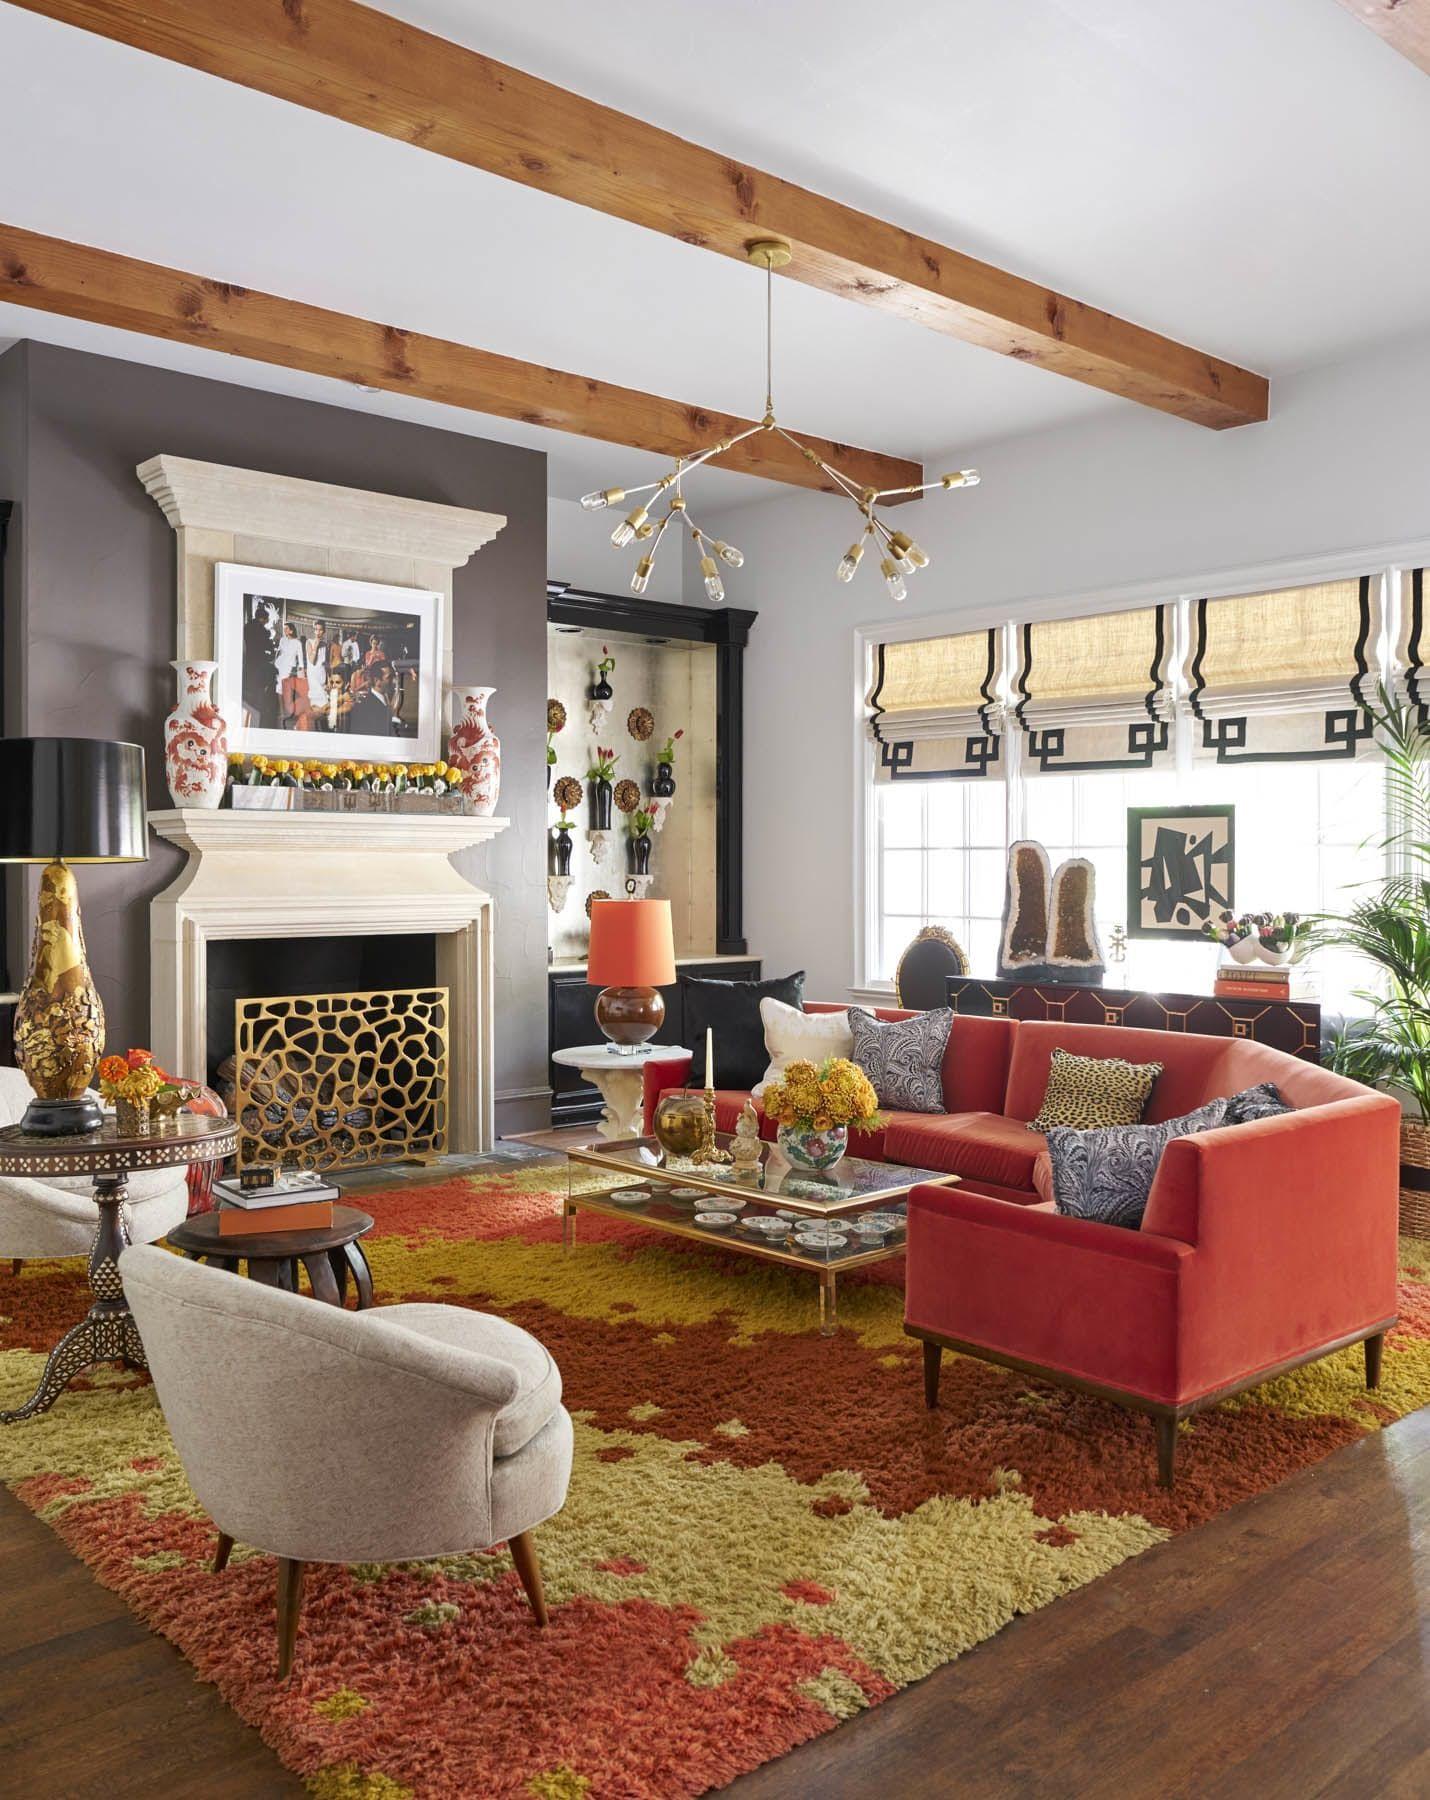 Professional Room Designer: A Jewelry Designer's Color-Rich Dallas Home